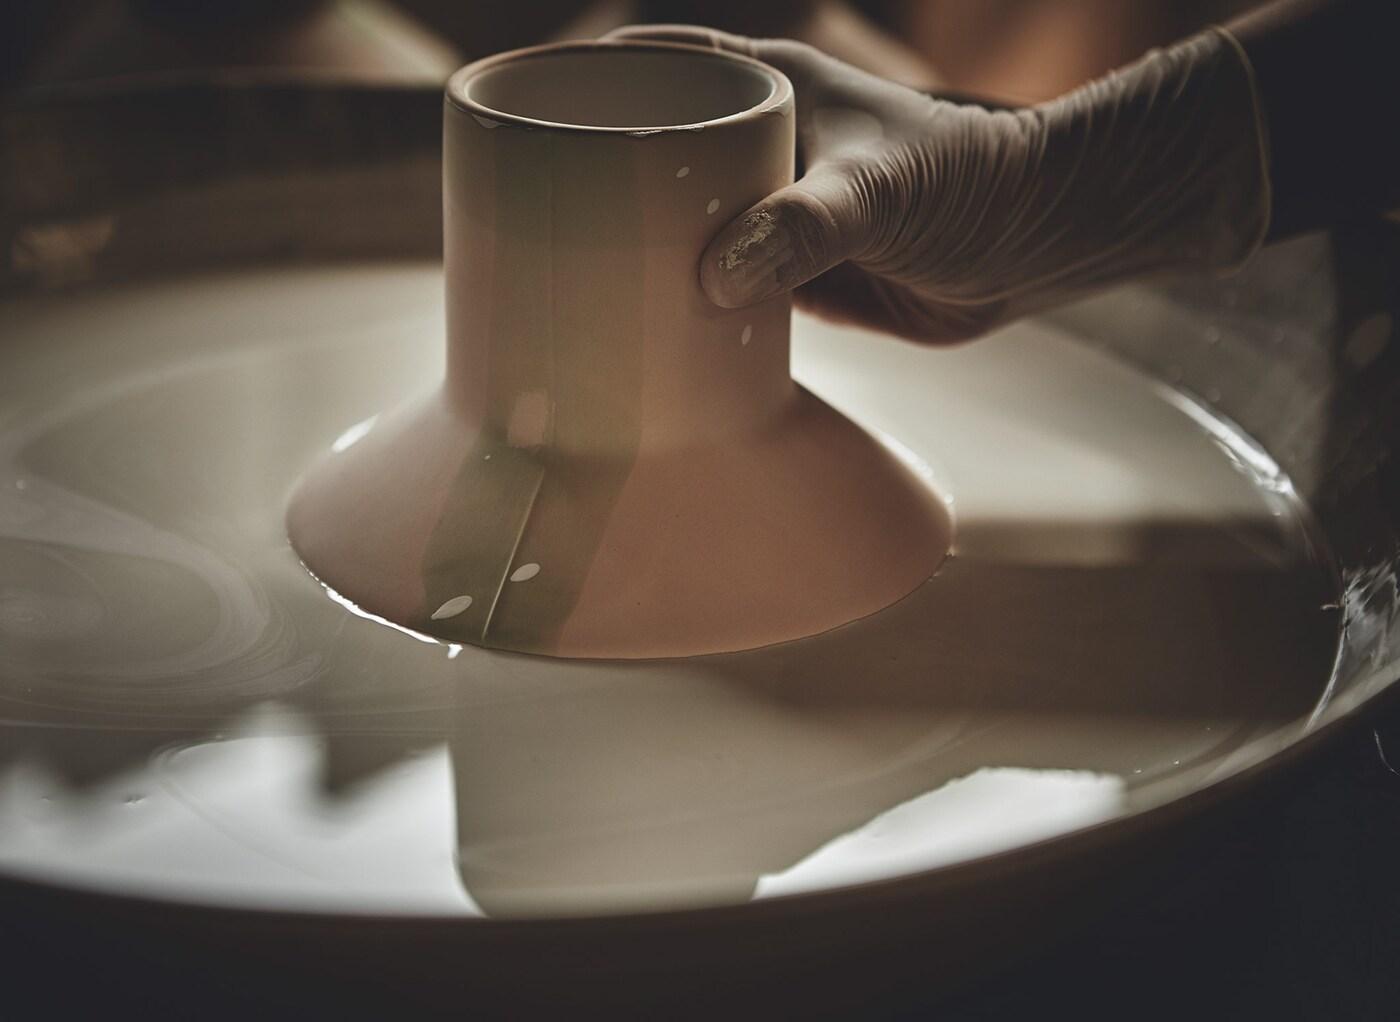 Glazurarea manuală prin cufundarea în baie de glazură a unei vaze ceramice din colecția HANTVERK de la IKEA.